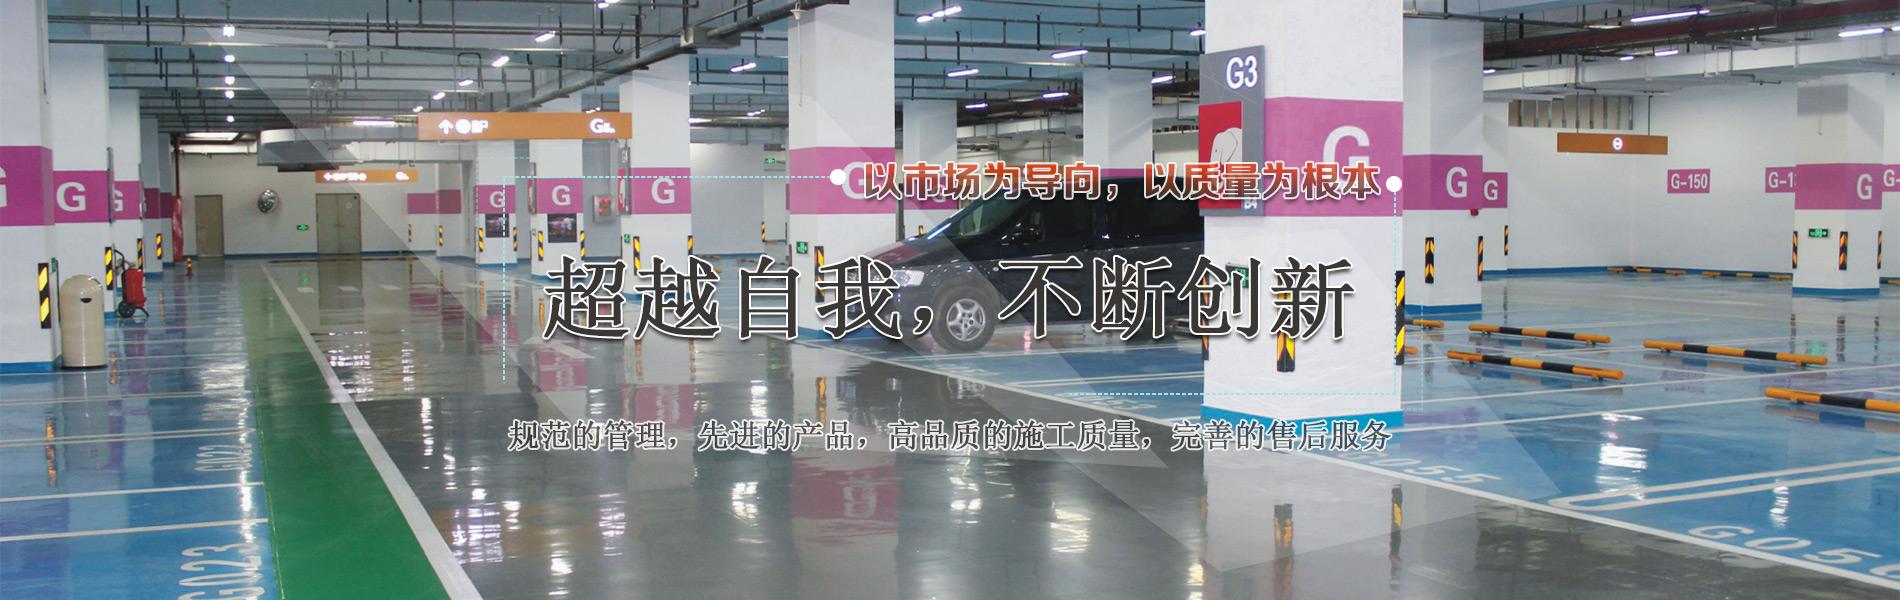 黑龙江正谦地坪工程有限公司